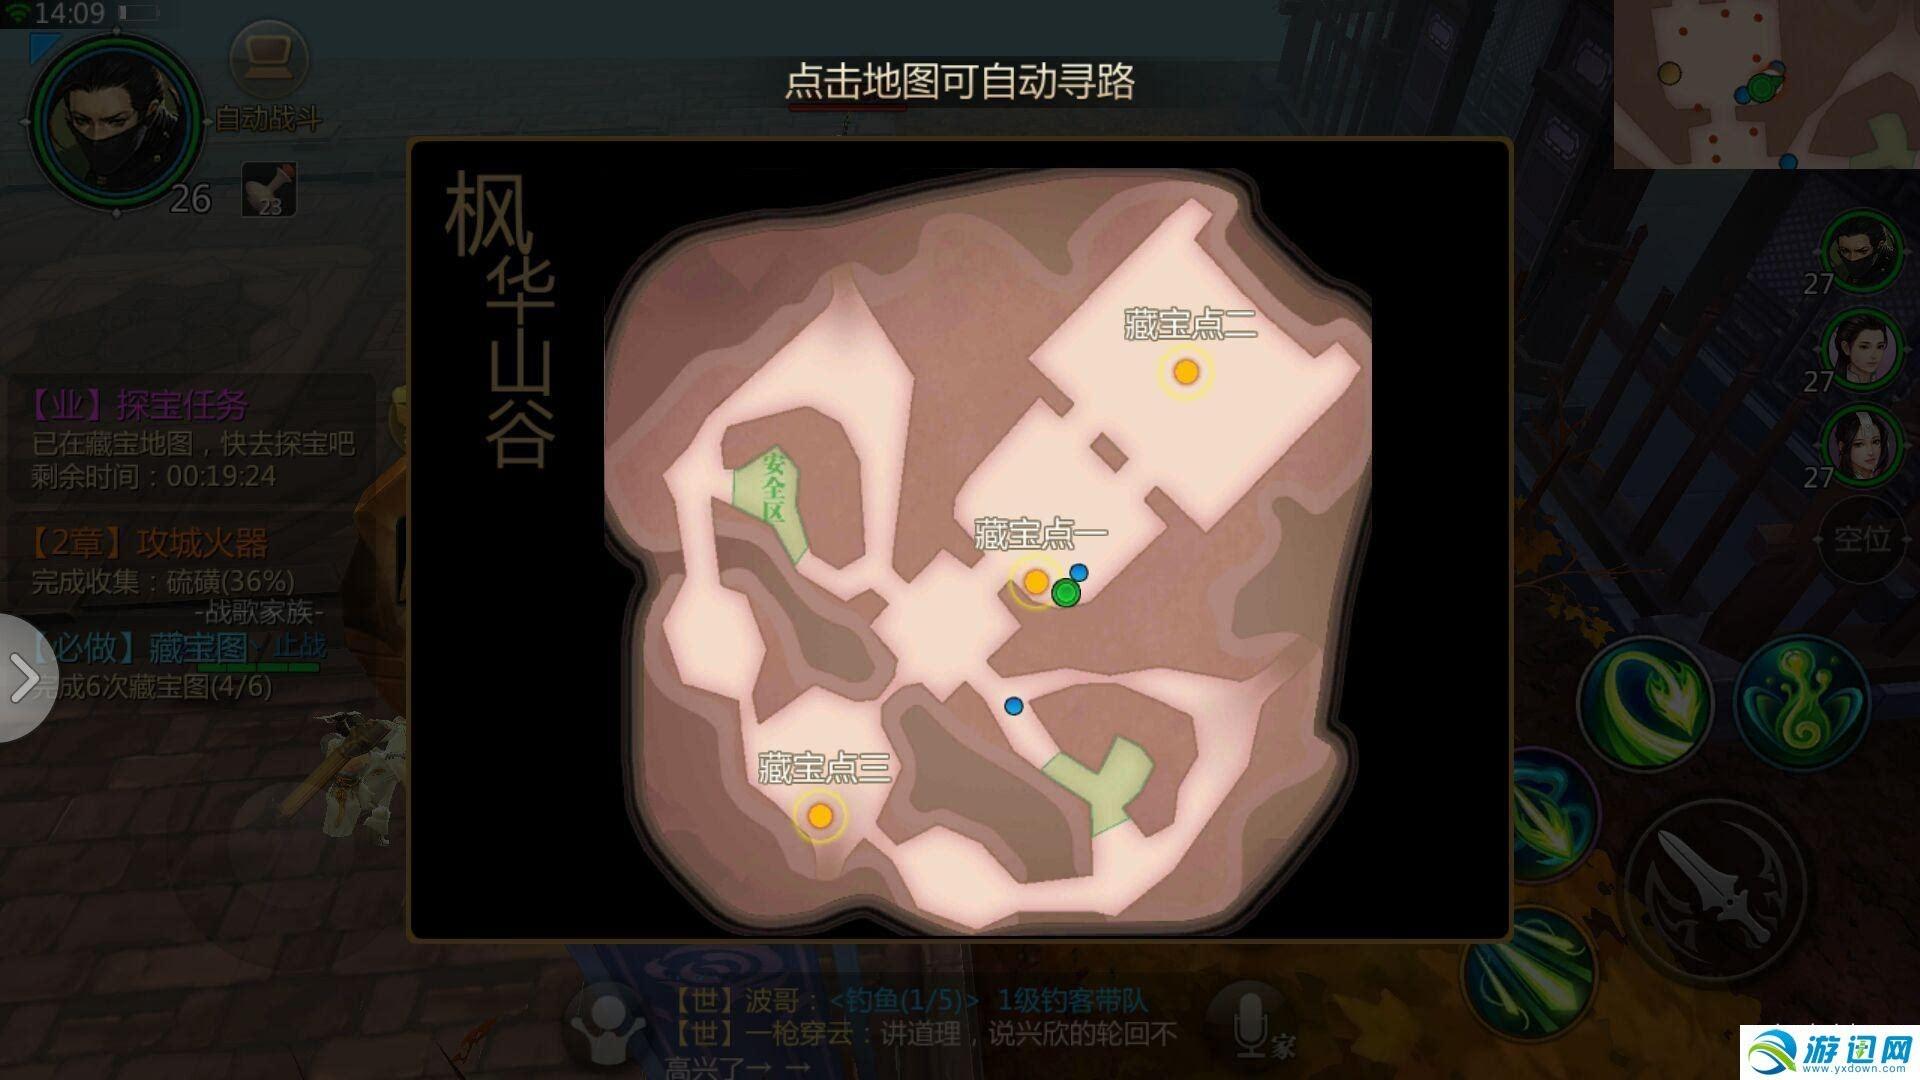 剑侠世界2手游官方客户端下载-剑侠世界2手游官方... -手机腾牛网